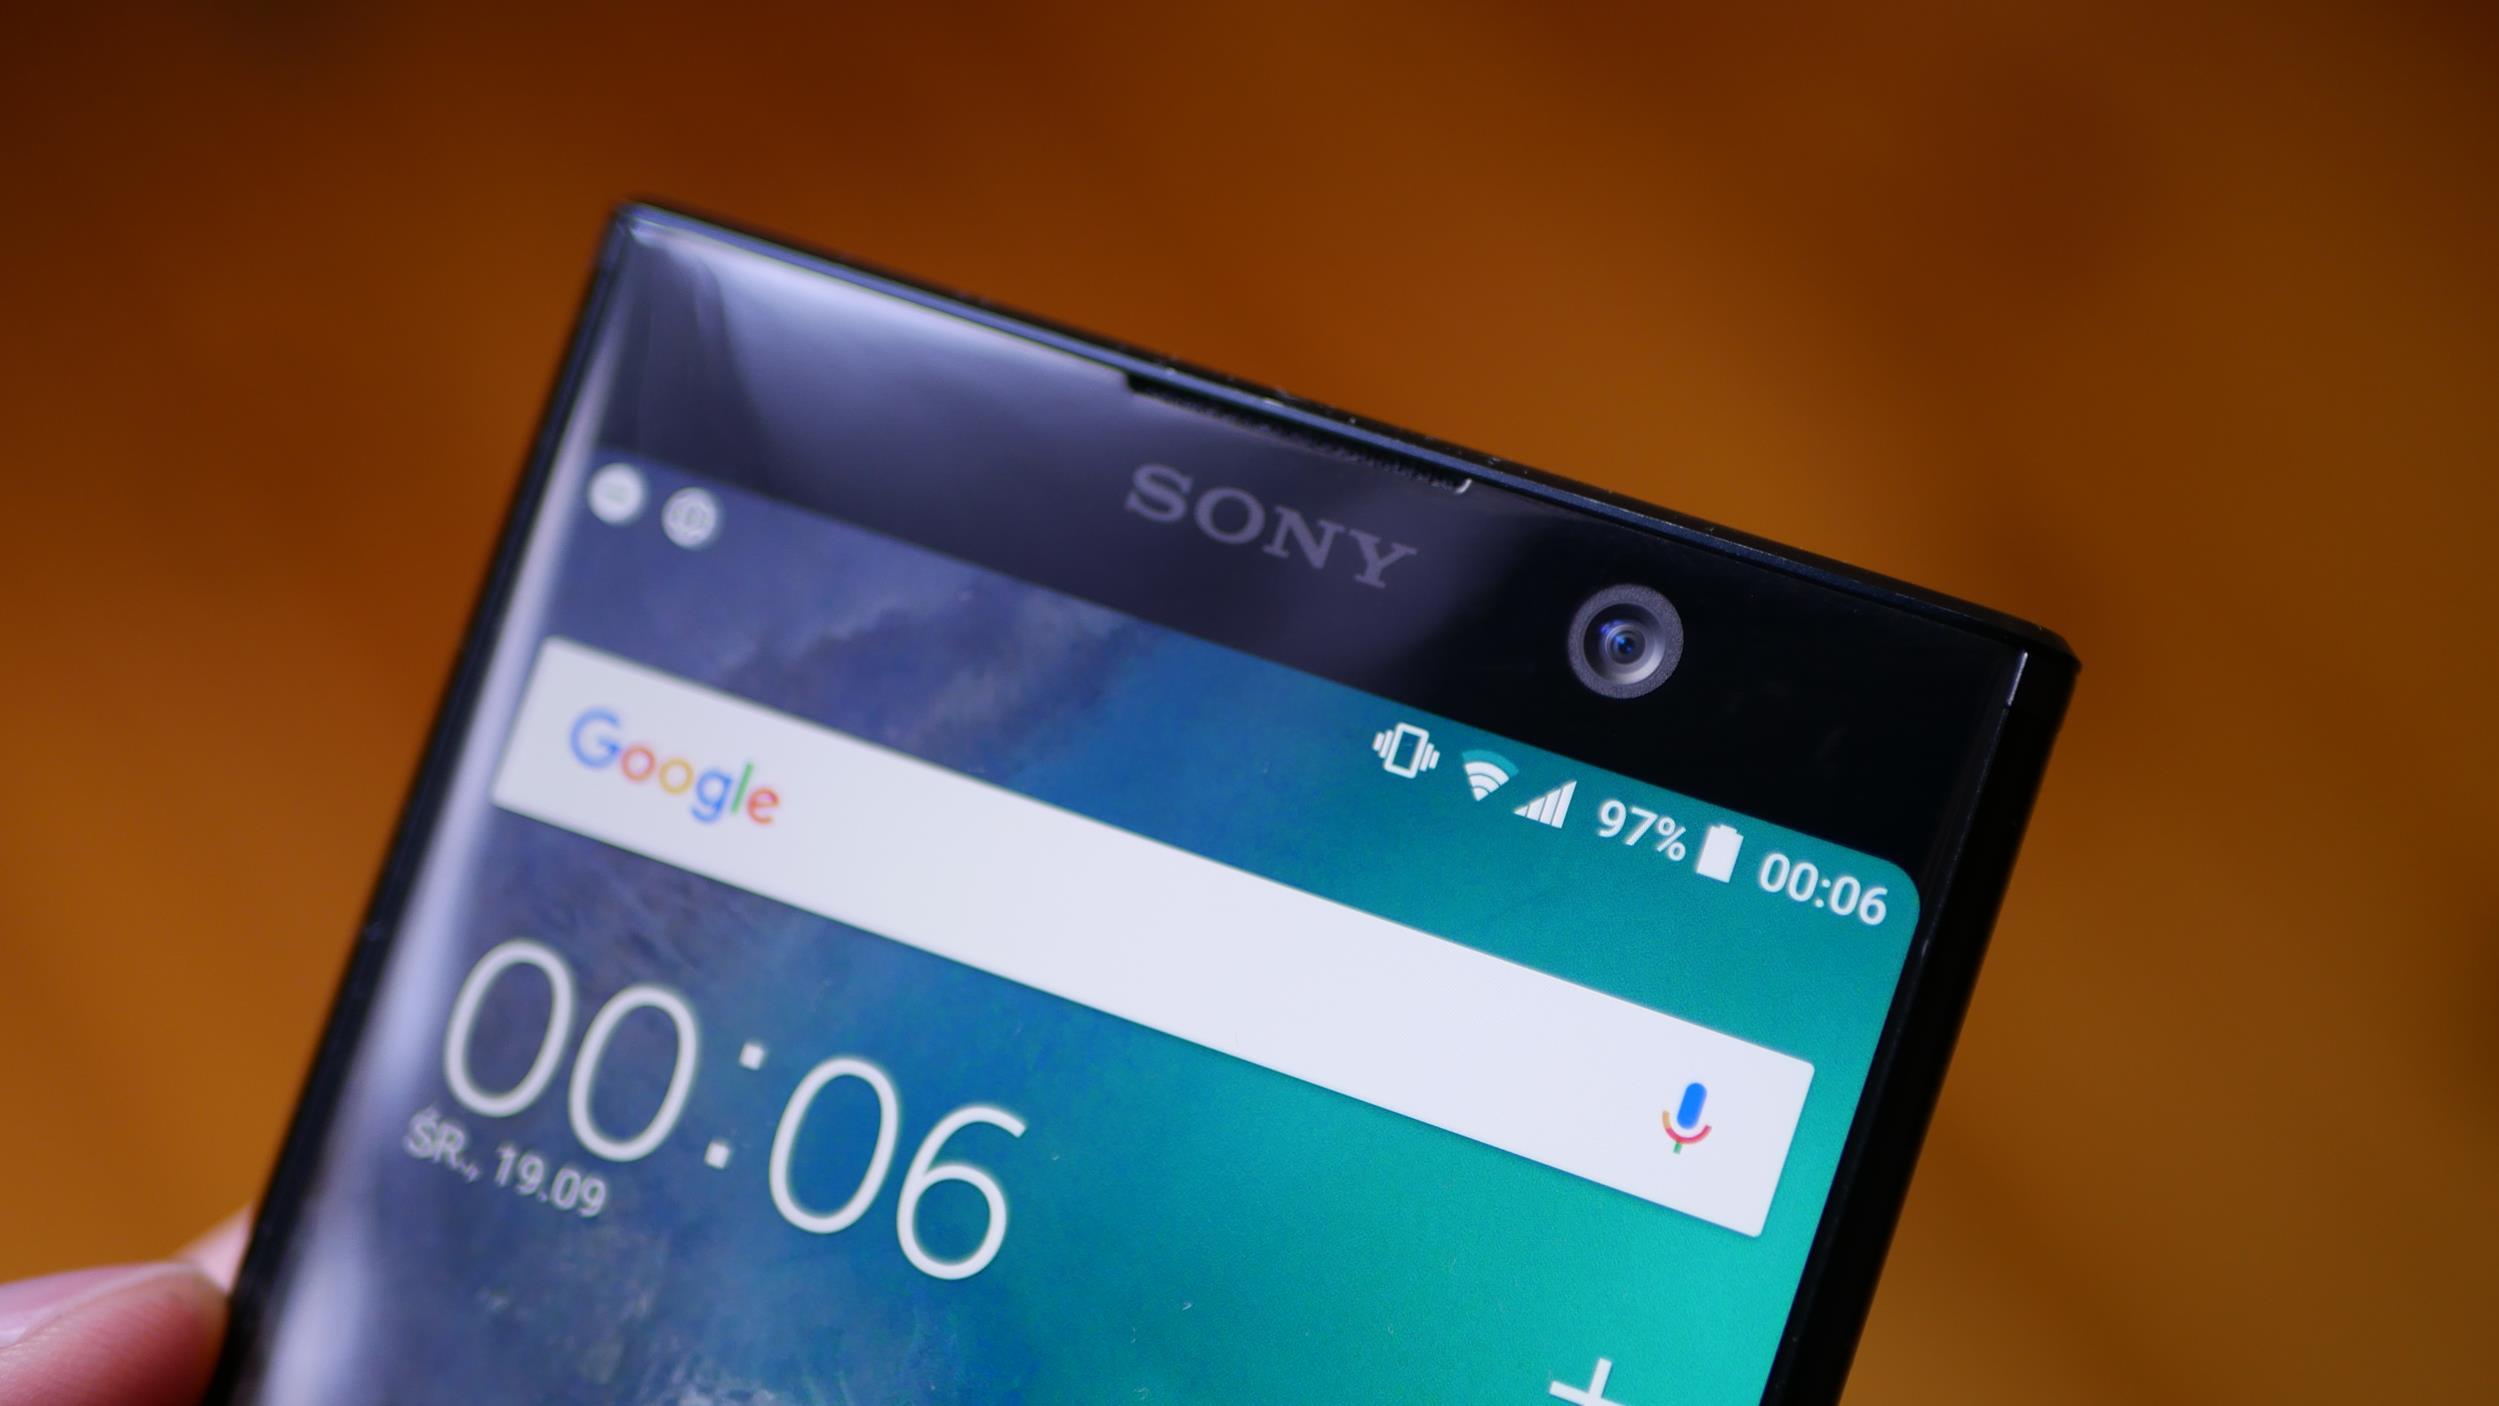 Recenzja Sony Xperia XA2 Plus. To dobry smartfon, ale nie zabrakło kilku rozczarowań 23